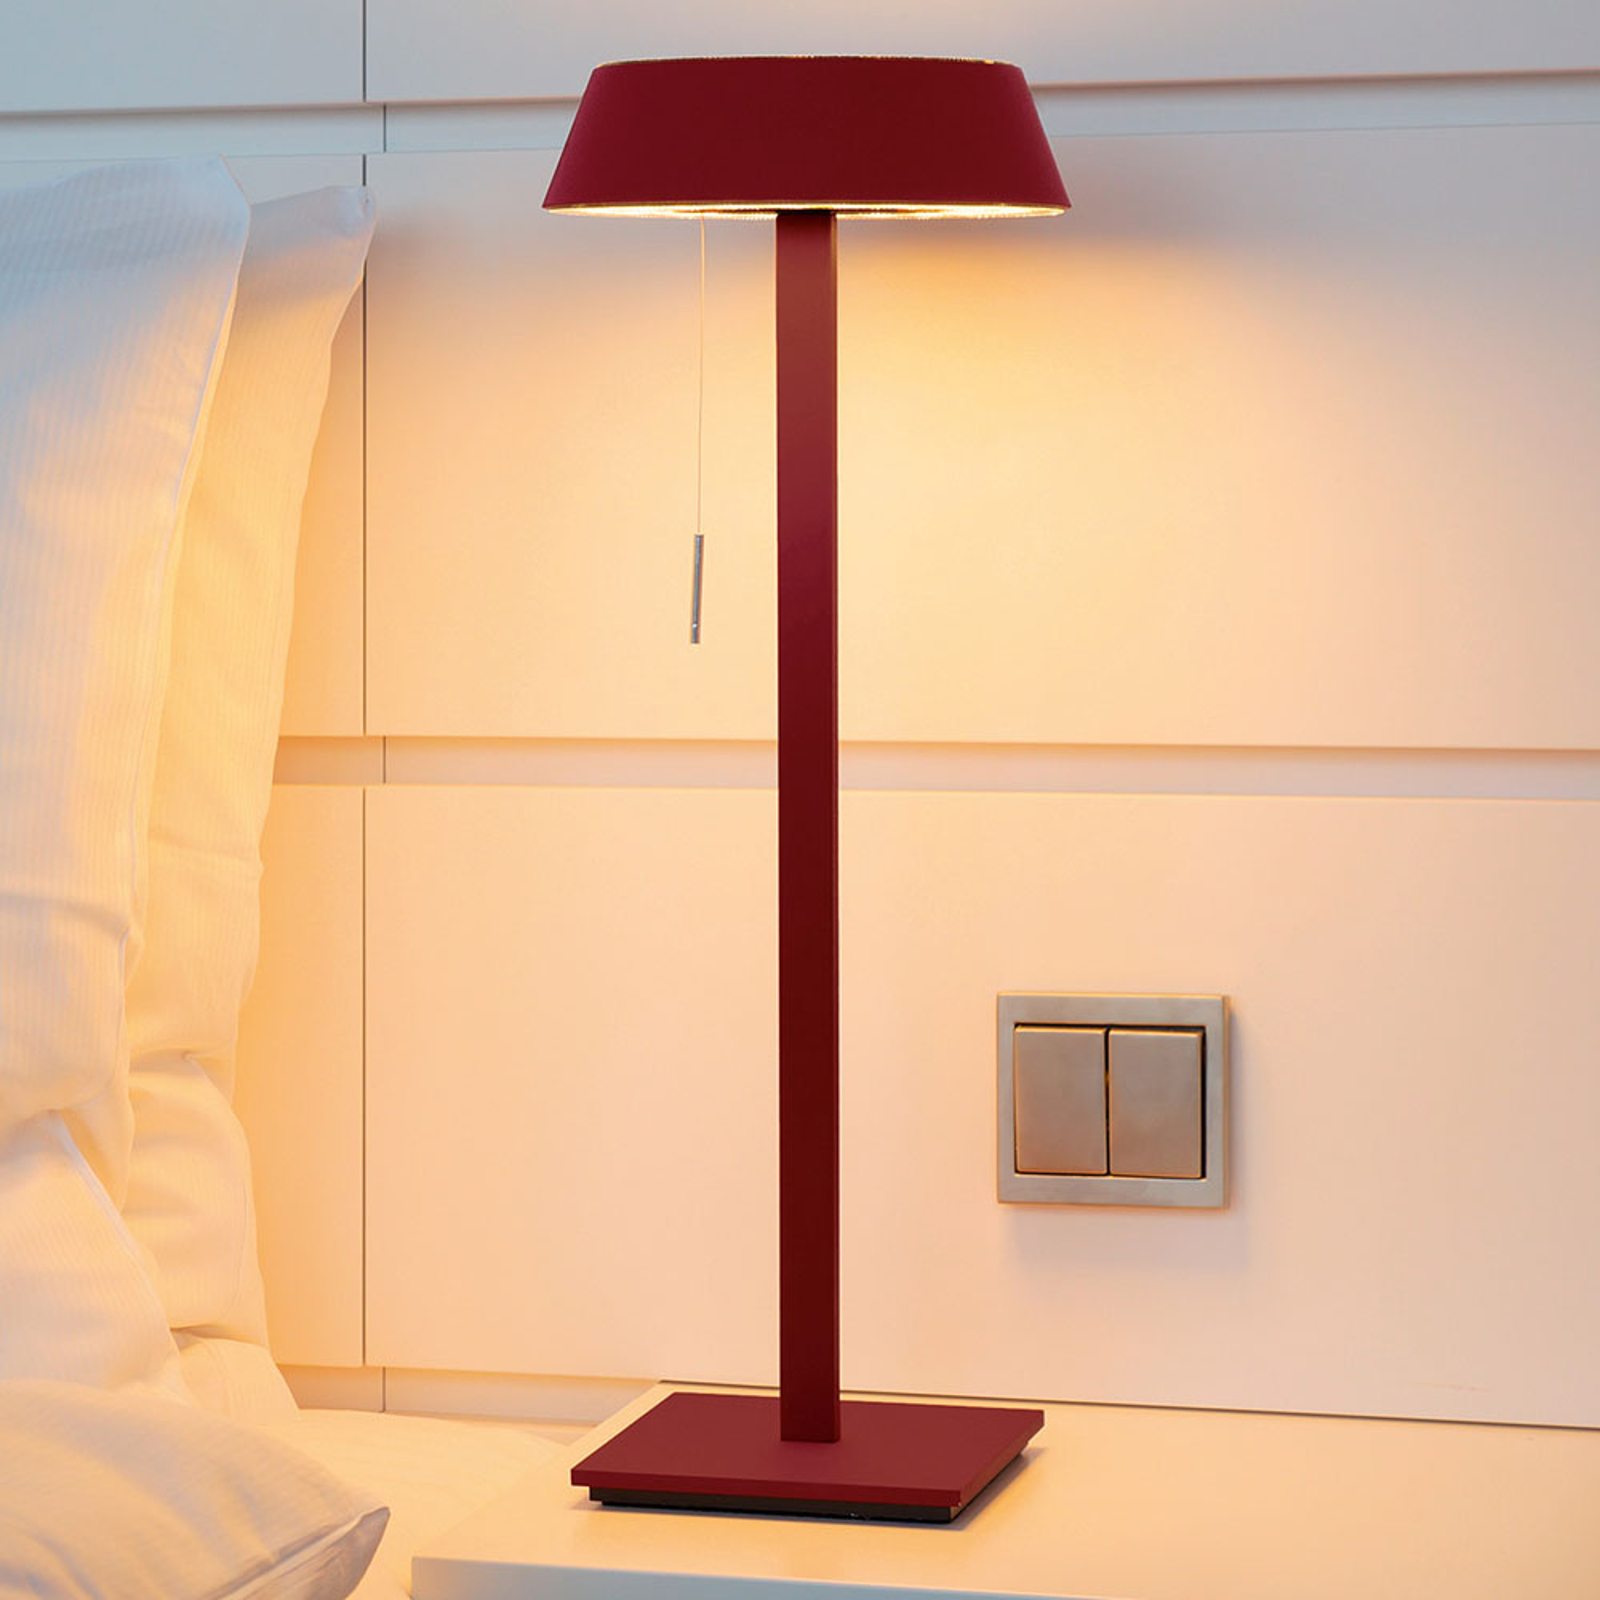 OLIGO Glance LED-pöytälamppu, matta punainen